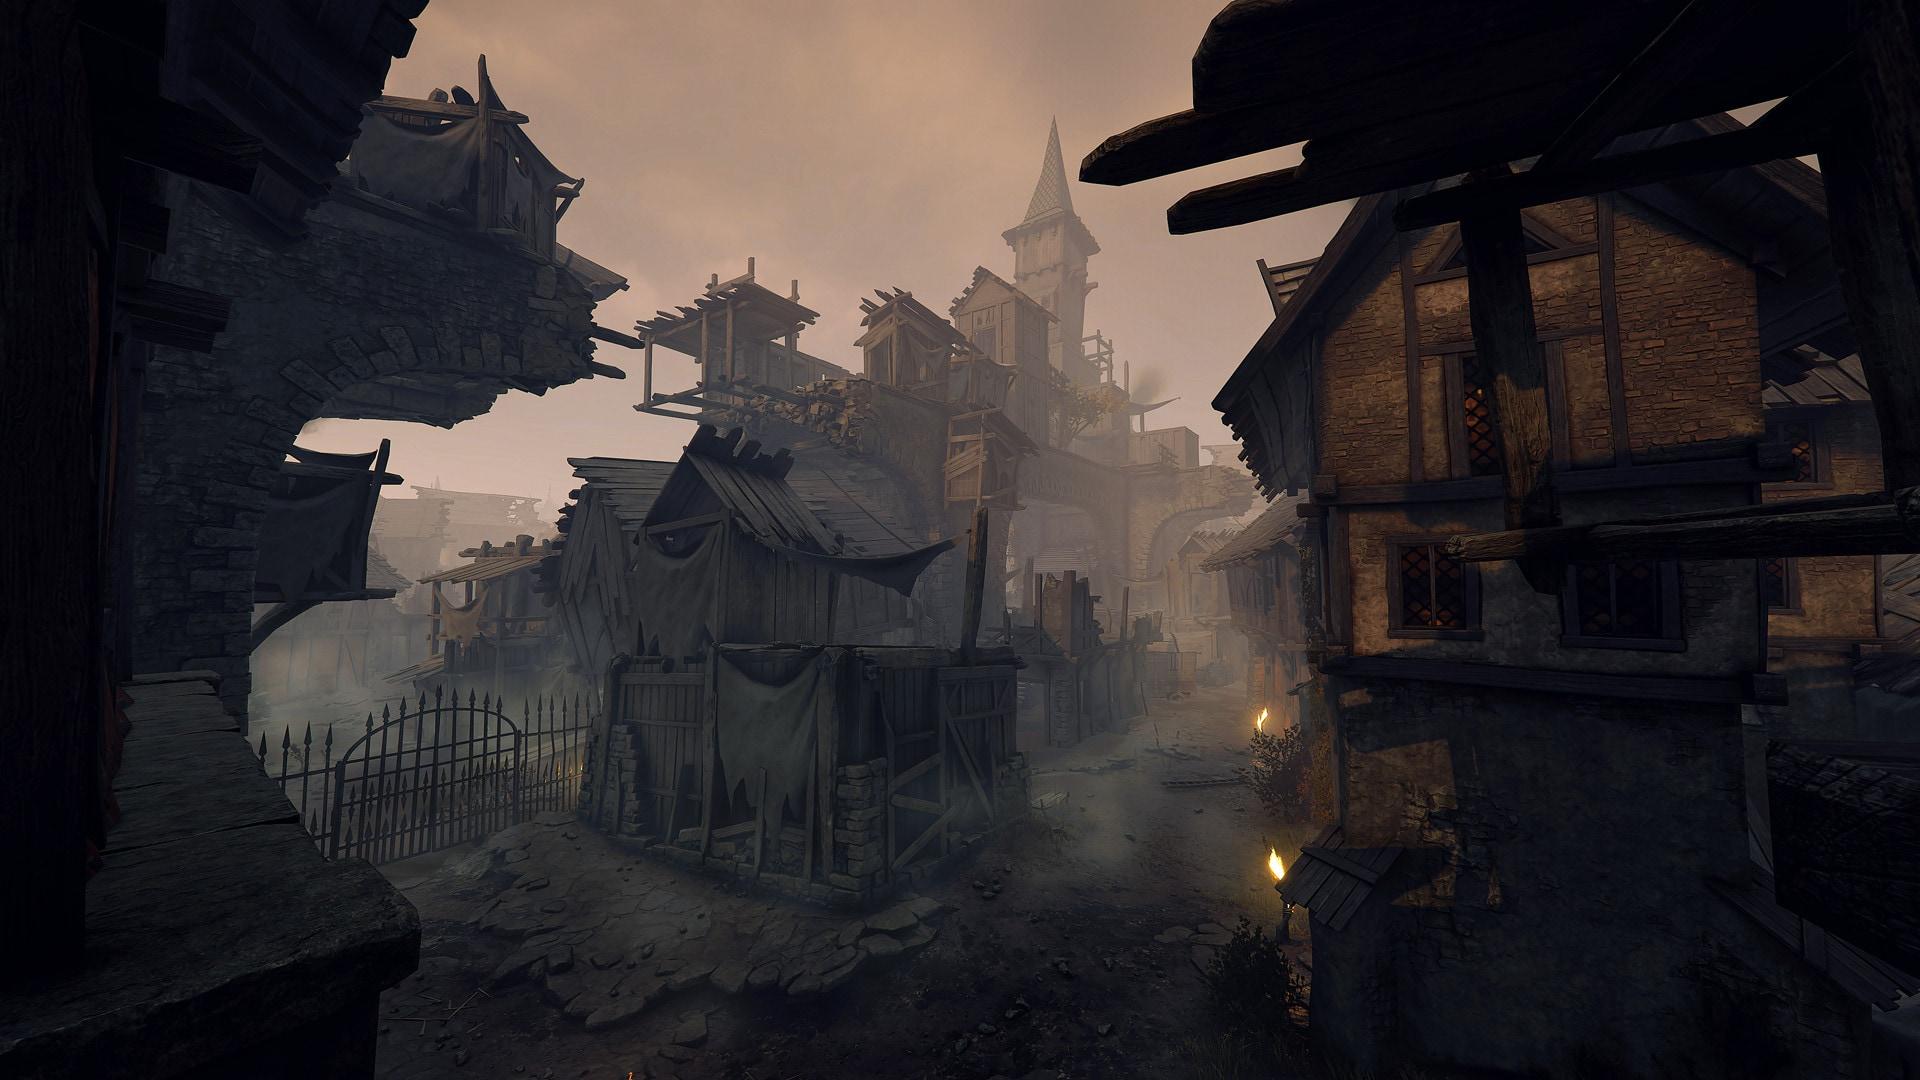 Warhammer: Vermintide 2 - Shadows Over Bögenhafen (PC) - Steam Key - GLOBAL - 4